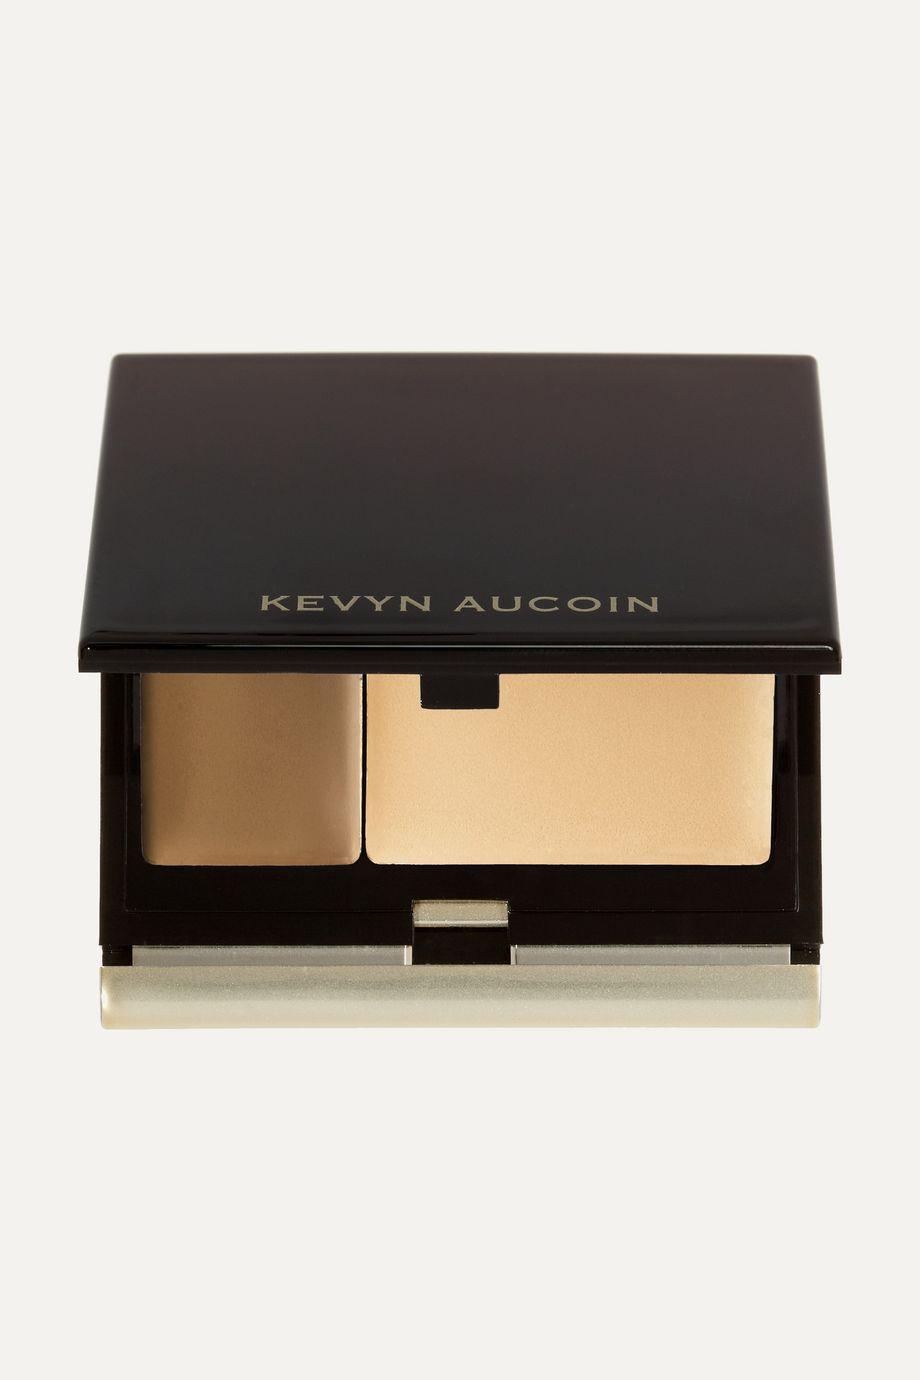 Kevyn Aucoin Blush et rouge à lèvres crème L'éclat crémeux, Candlelight/Sculpting